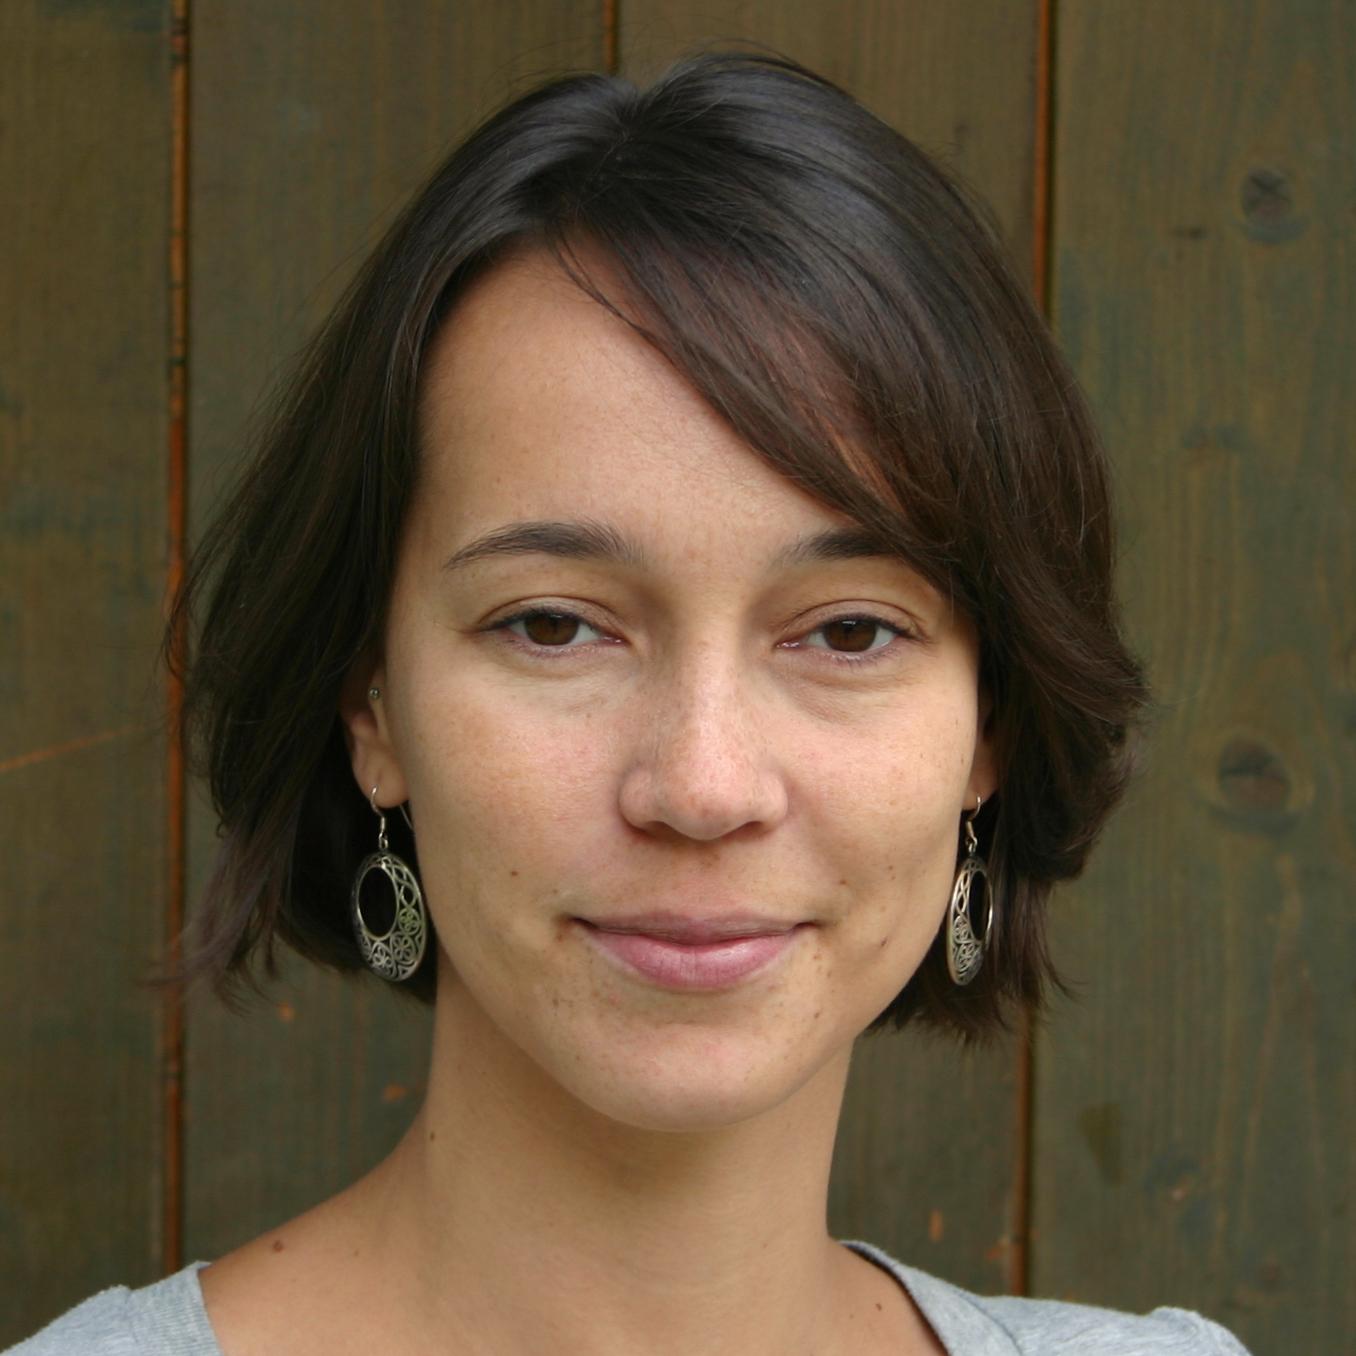 Bettina Malter